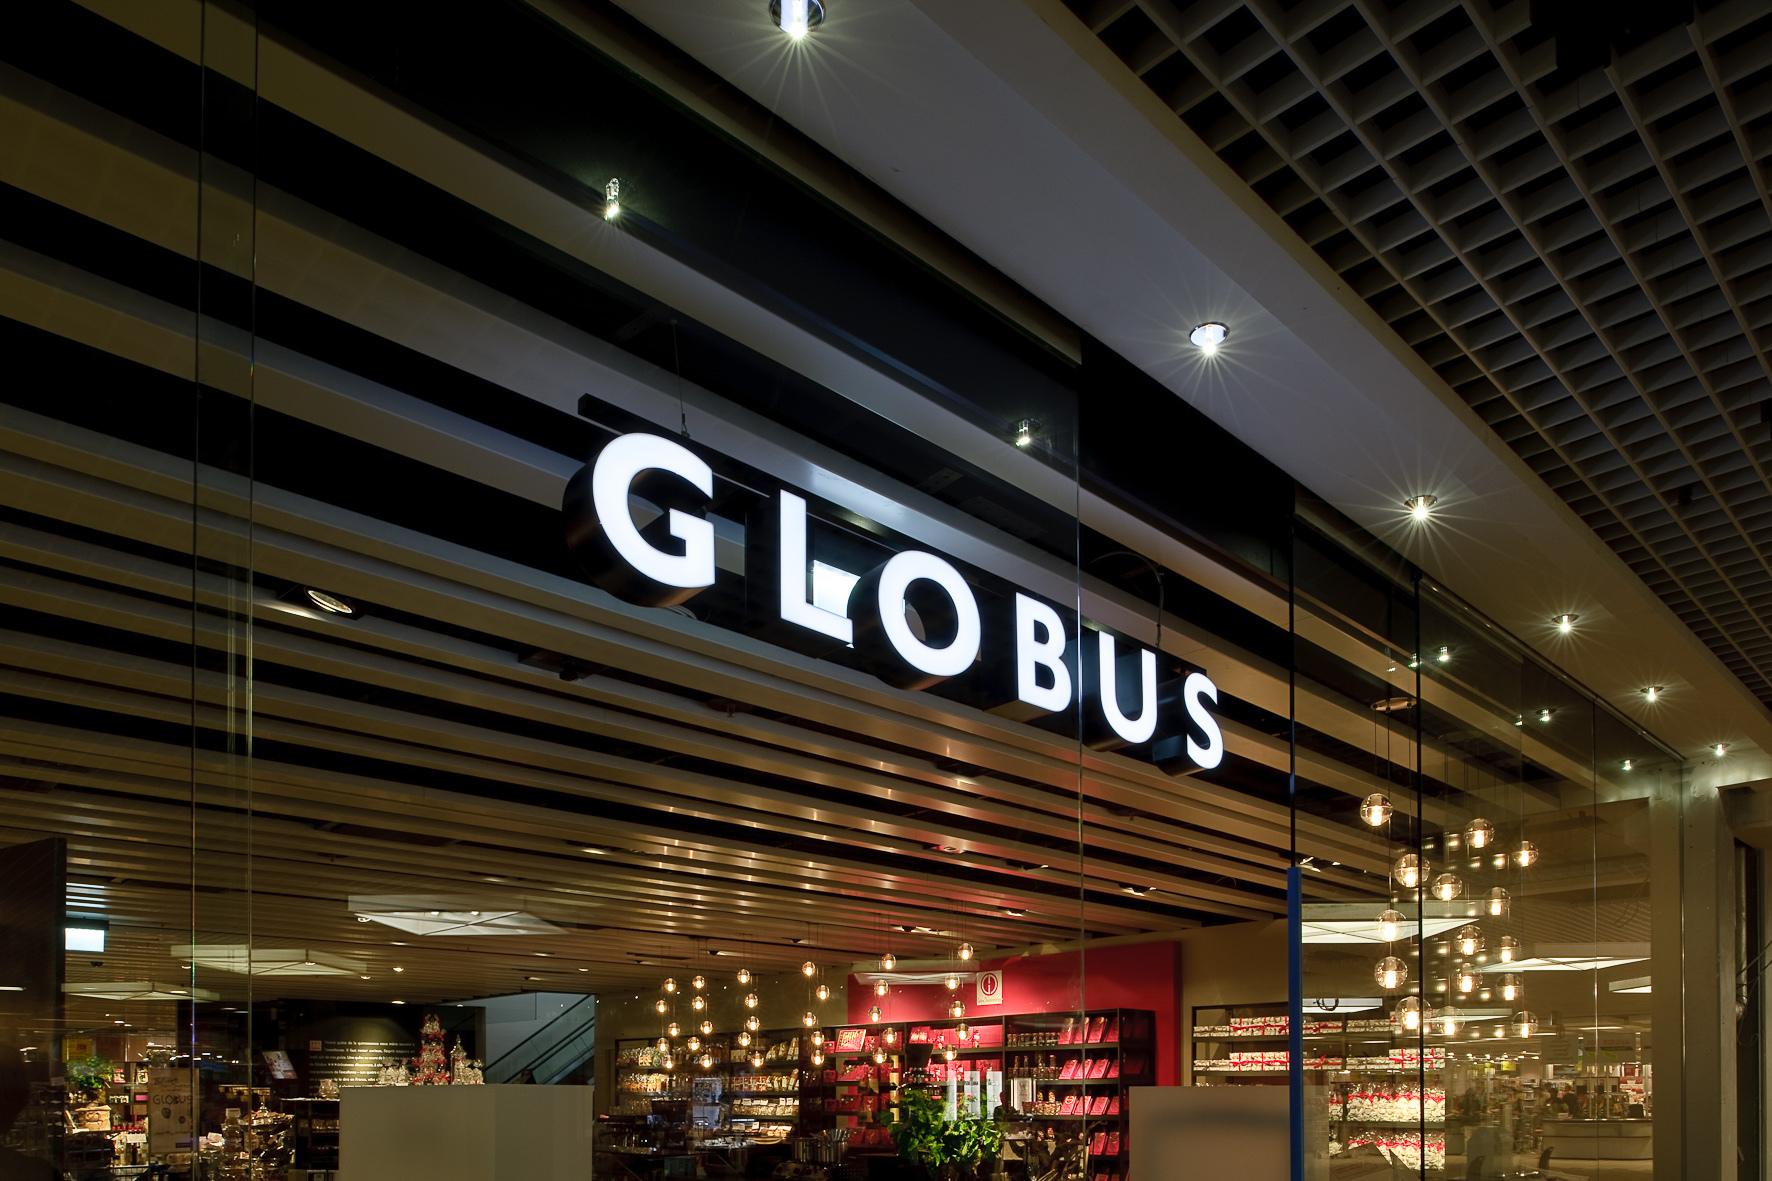 Globus Geneva